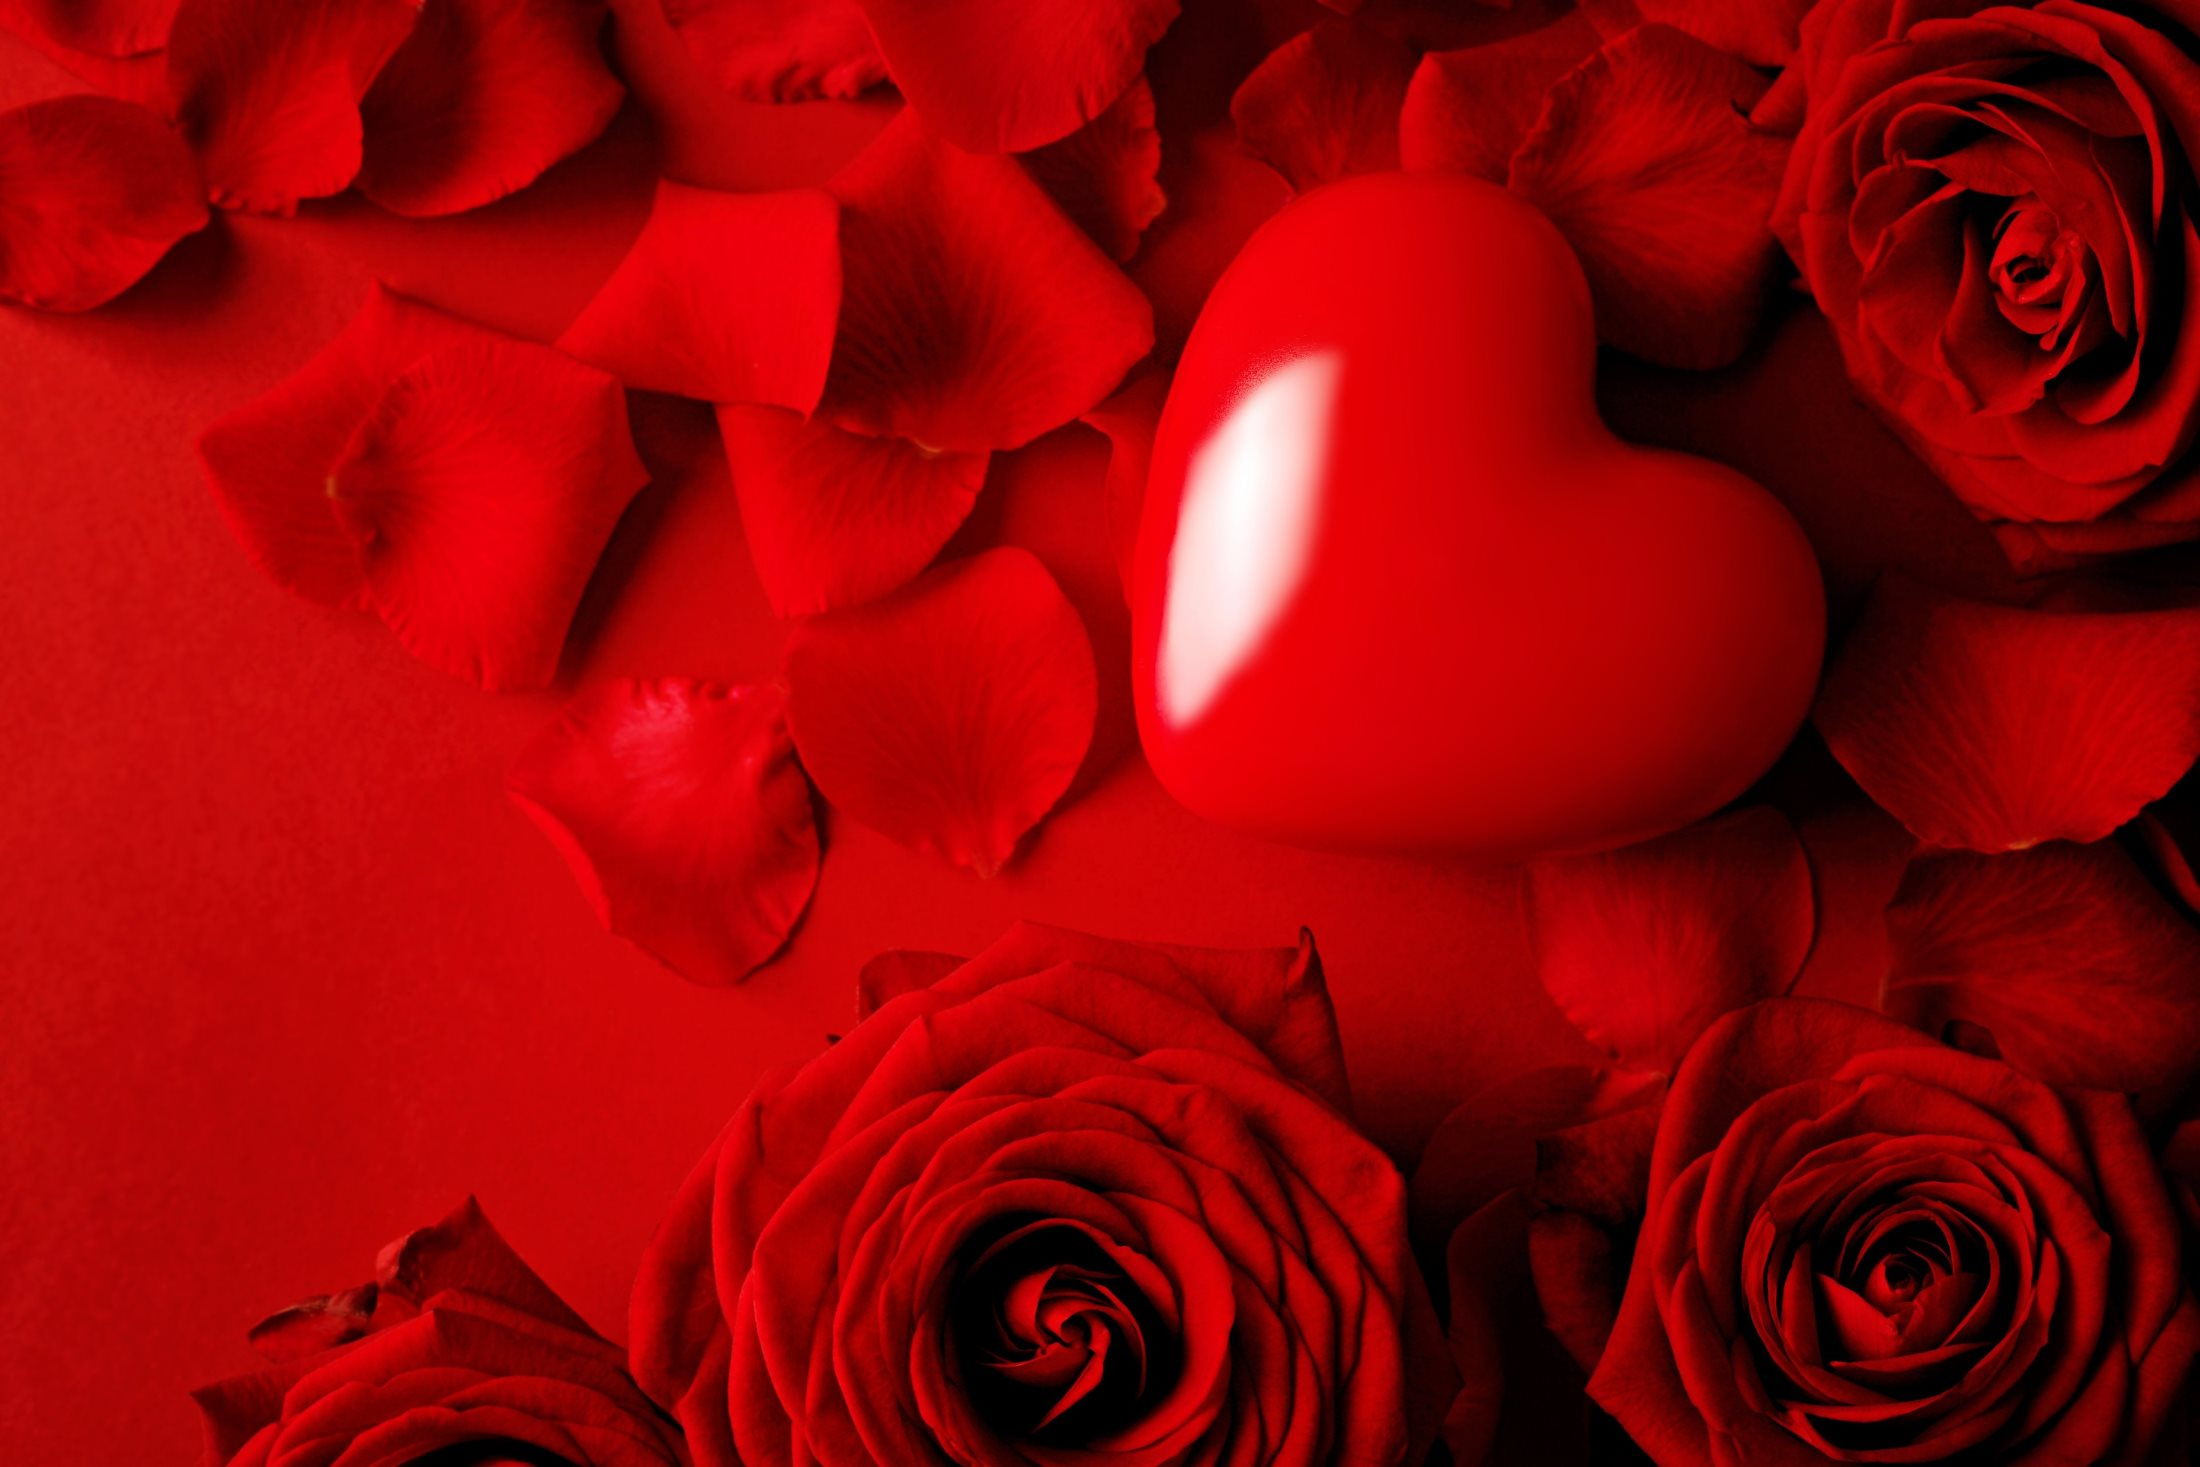 красивые цветы розы красные на обои экрана